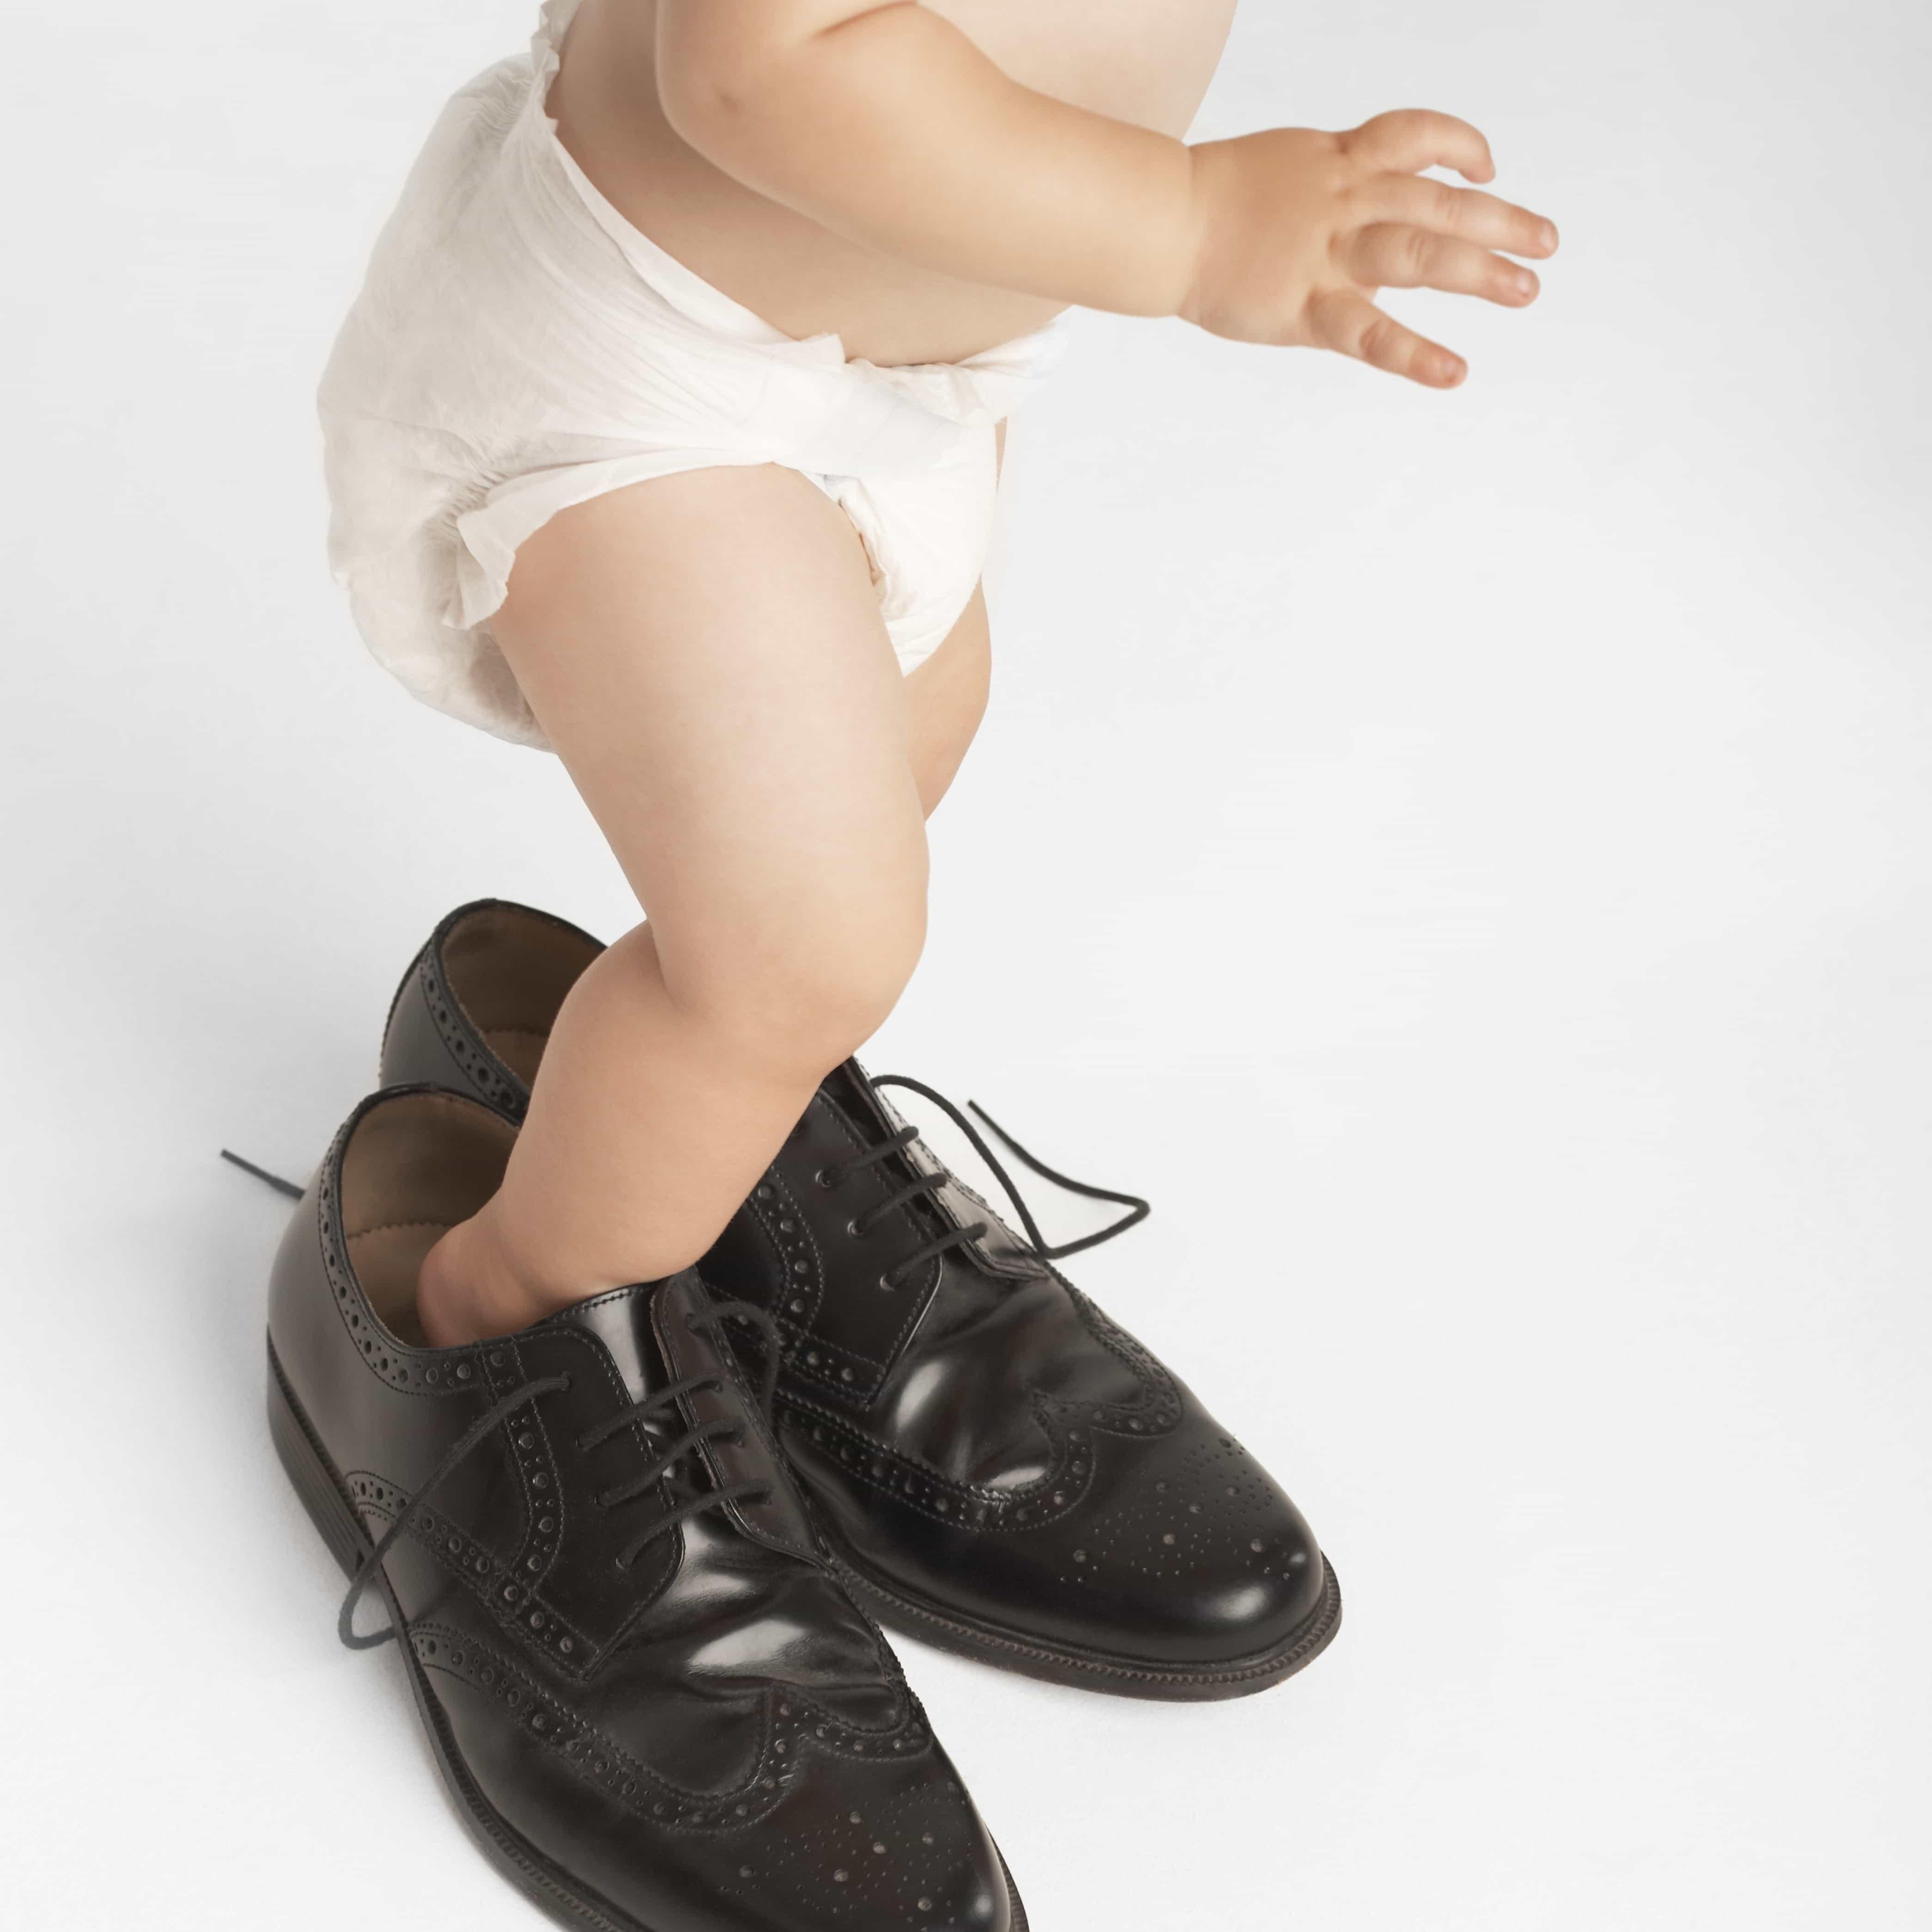 Sarenza.pl – mamy w magazynie milion par butów